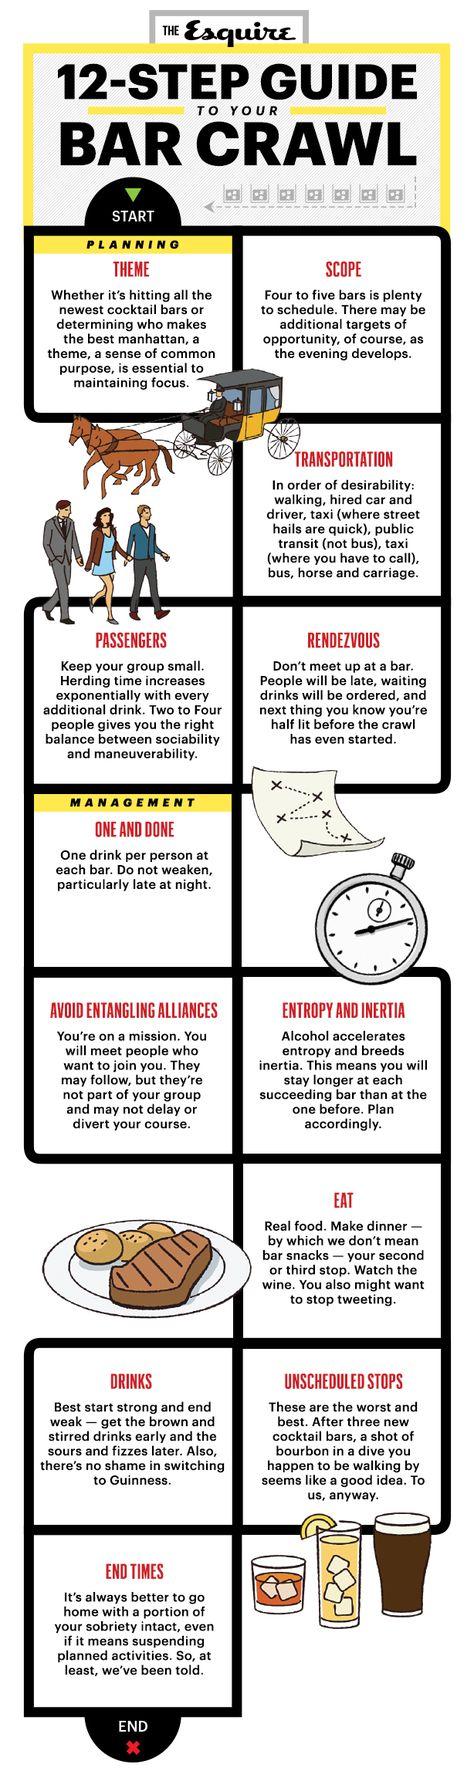 How to Do a Bar Tour - Visual Guide to Doing a Bar Crawl - Esquire